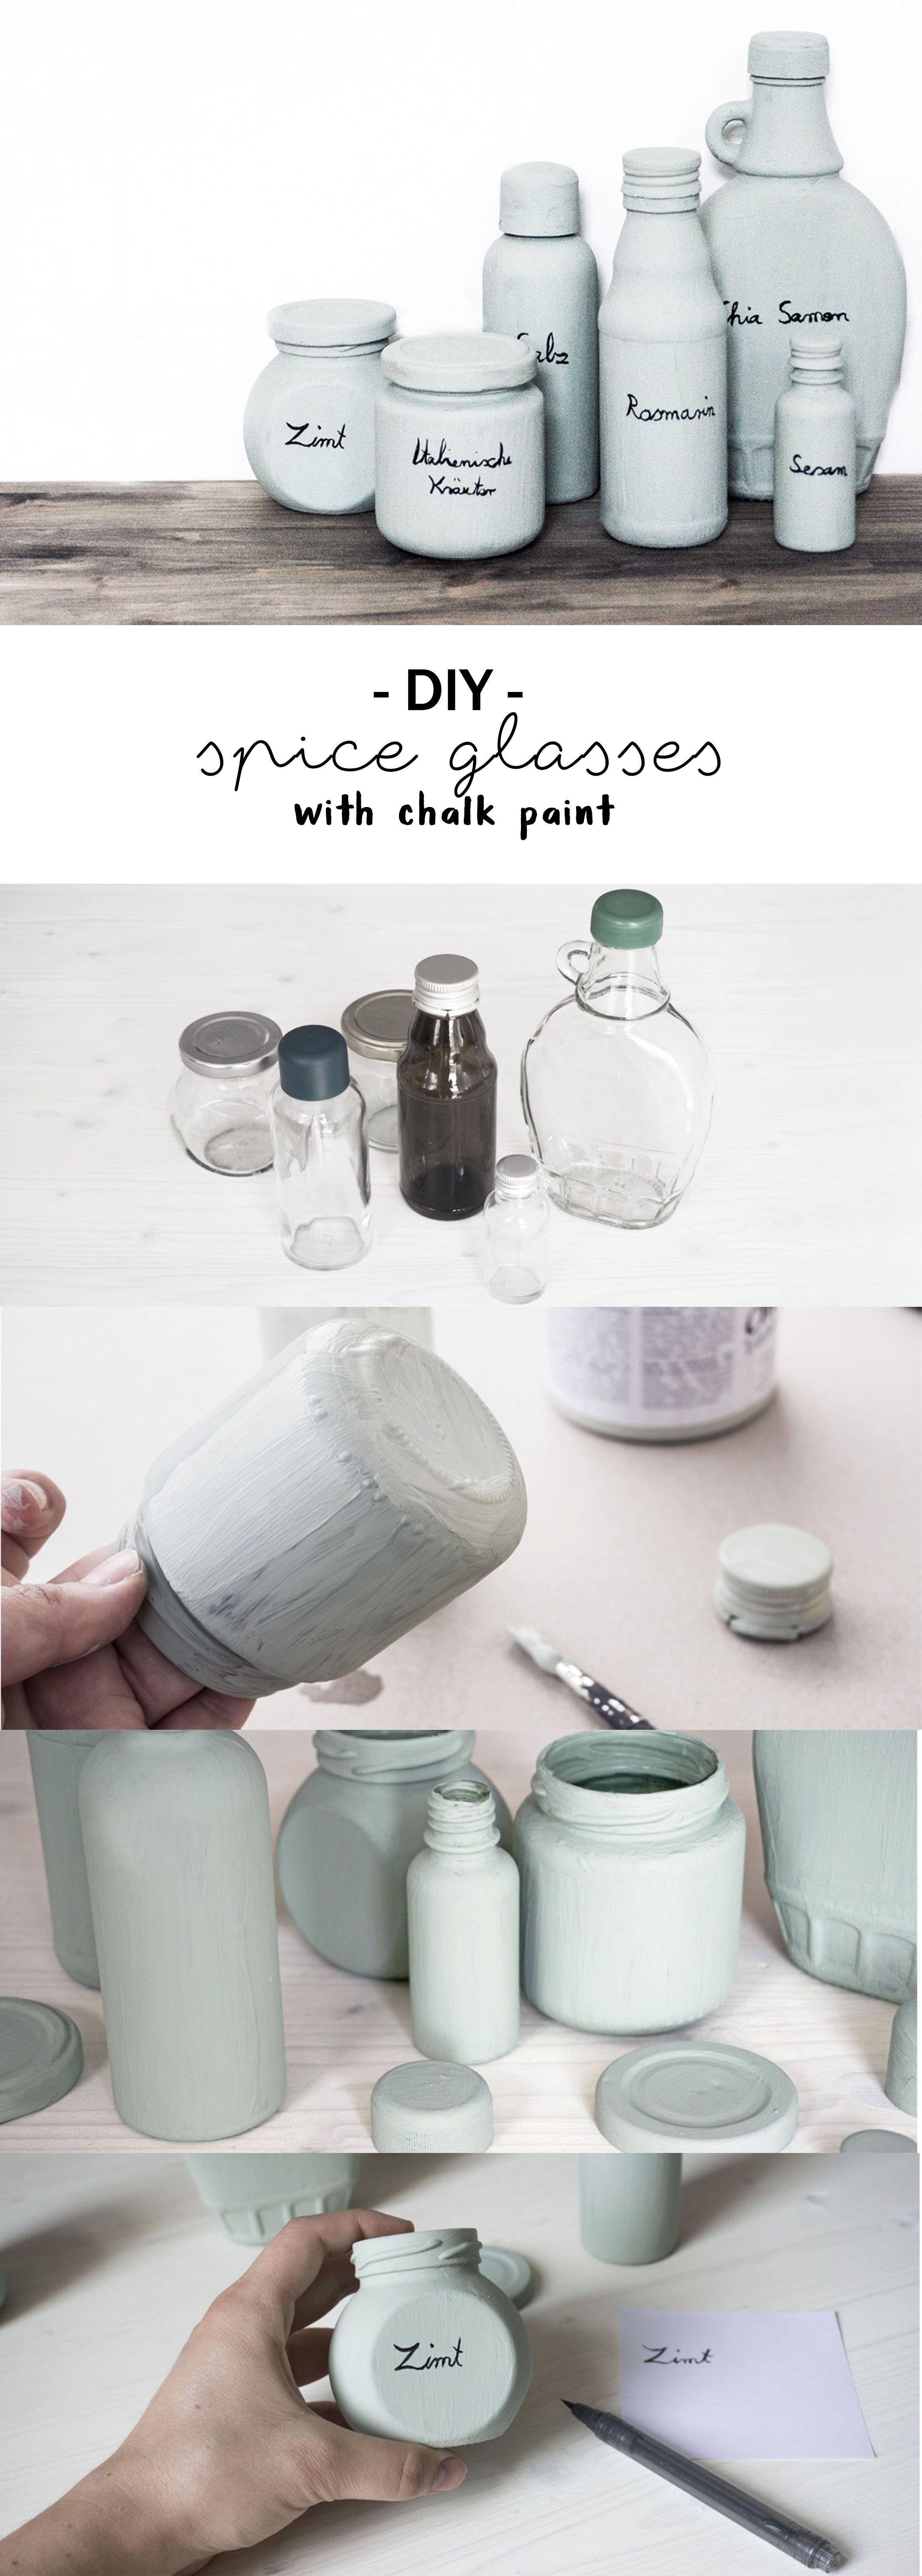 Badezimmer einmachglas ideen gewürzgläser mit kreidefarbe für frosch  Творческий декор Декор